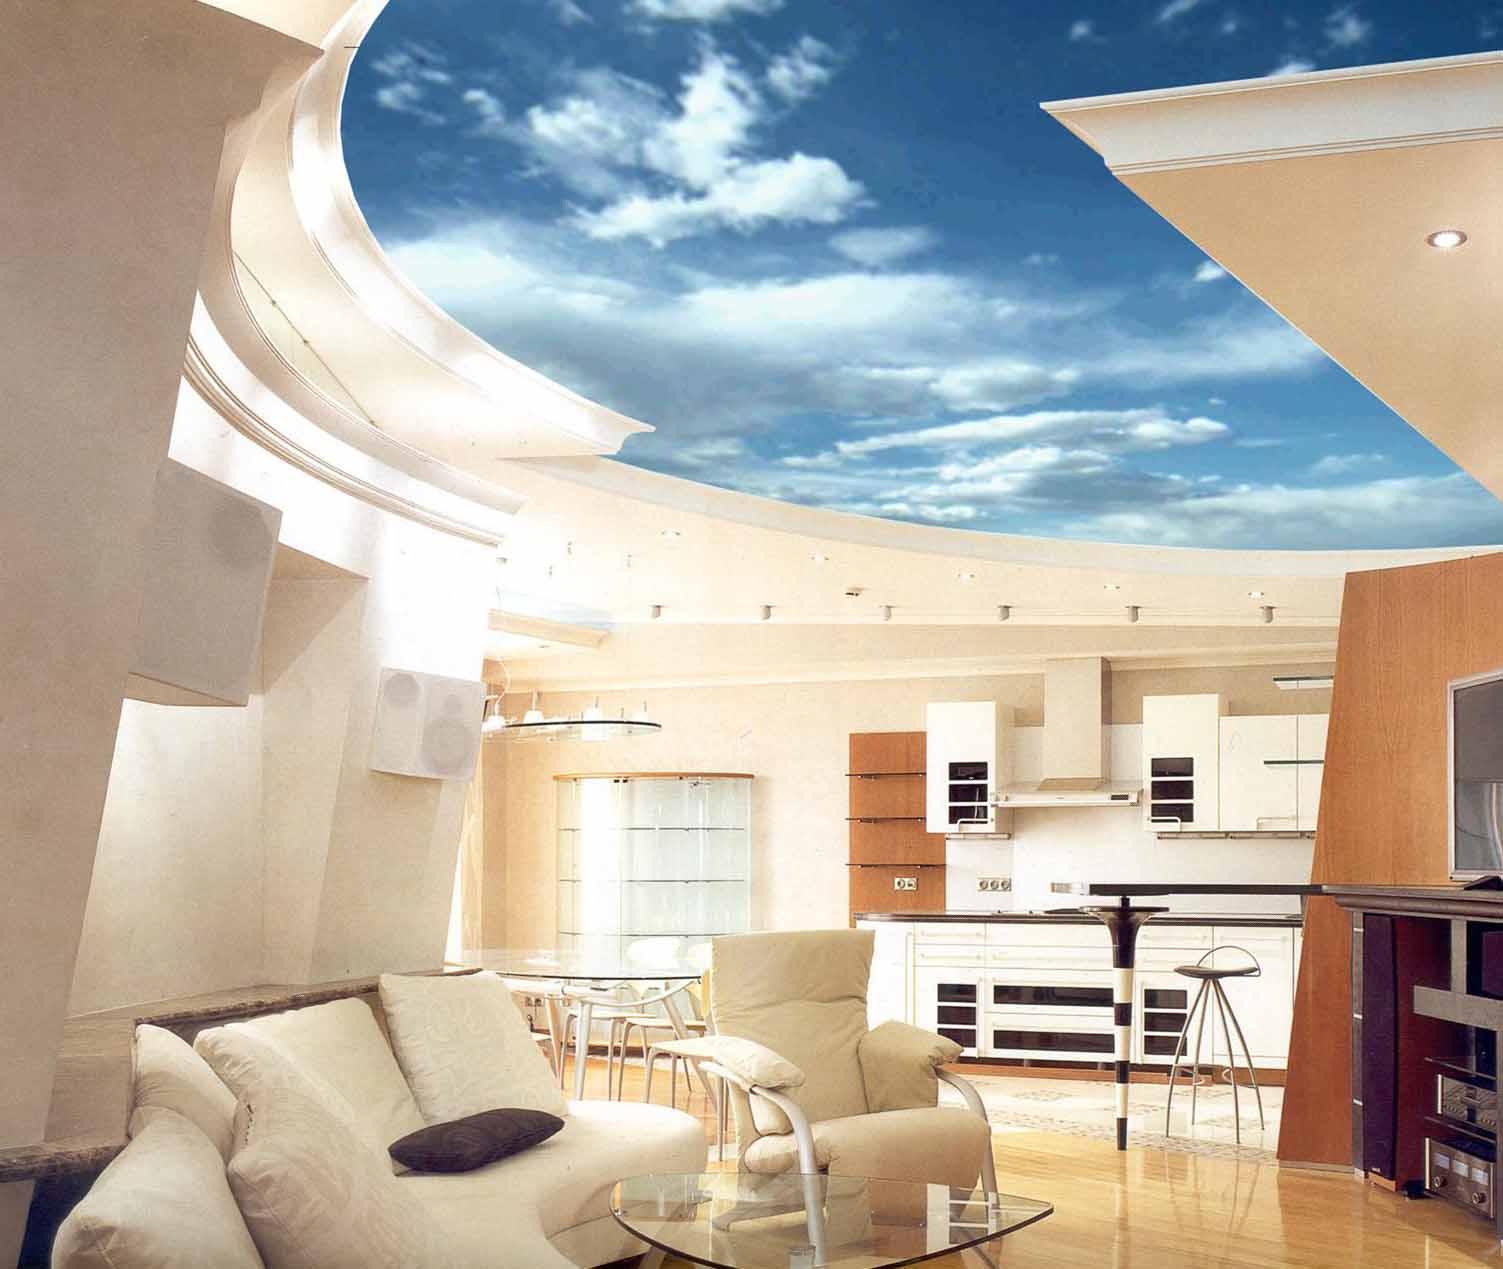 дизайн комнаты с кривым потолком фото осторожны проворачивании